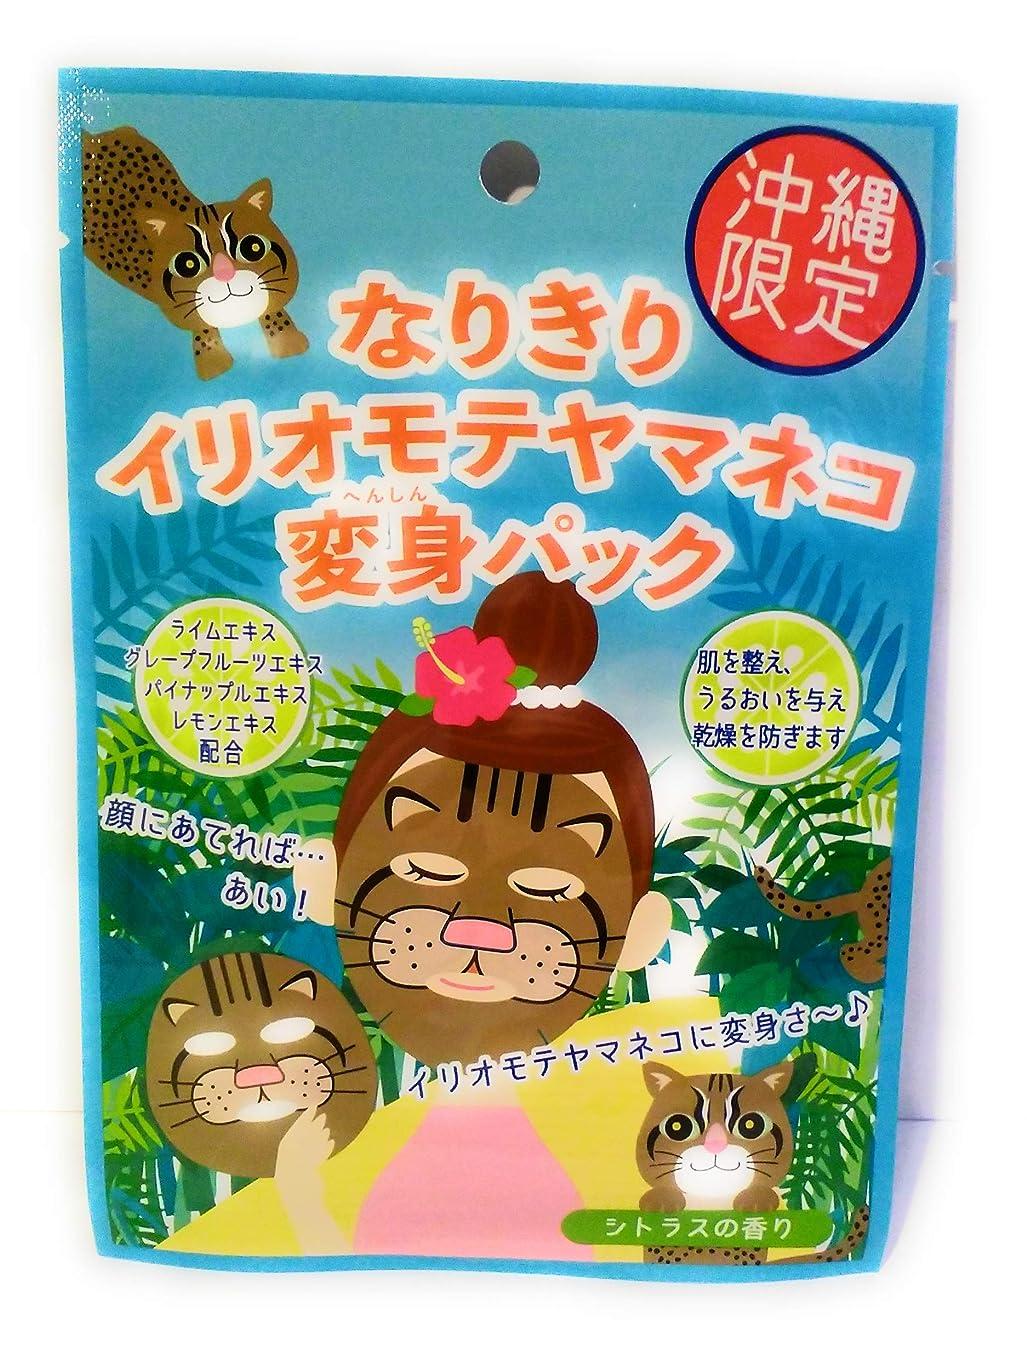 トレイルベースマウス沖縄限定 なりきりイリオモテヤマネコ変身パック